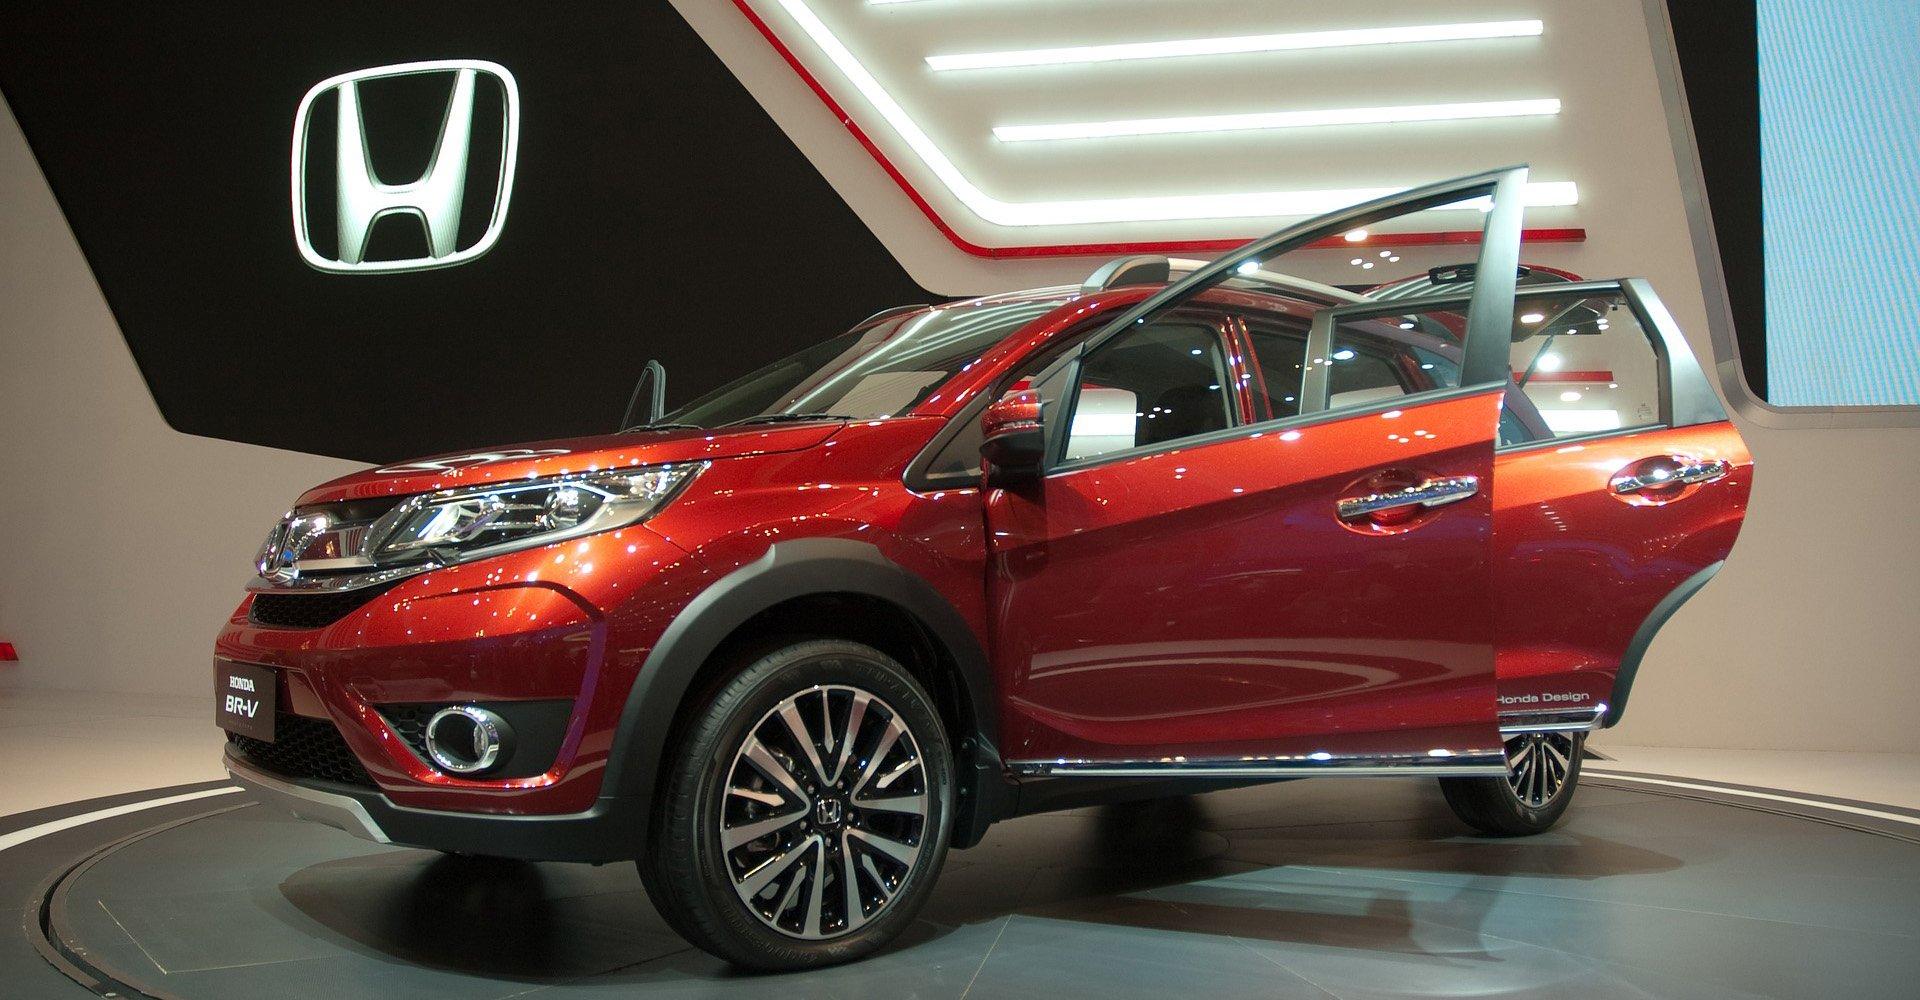 Tanie Części Honda Nowe I Używane Oryginalne Zamienniki